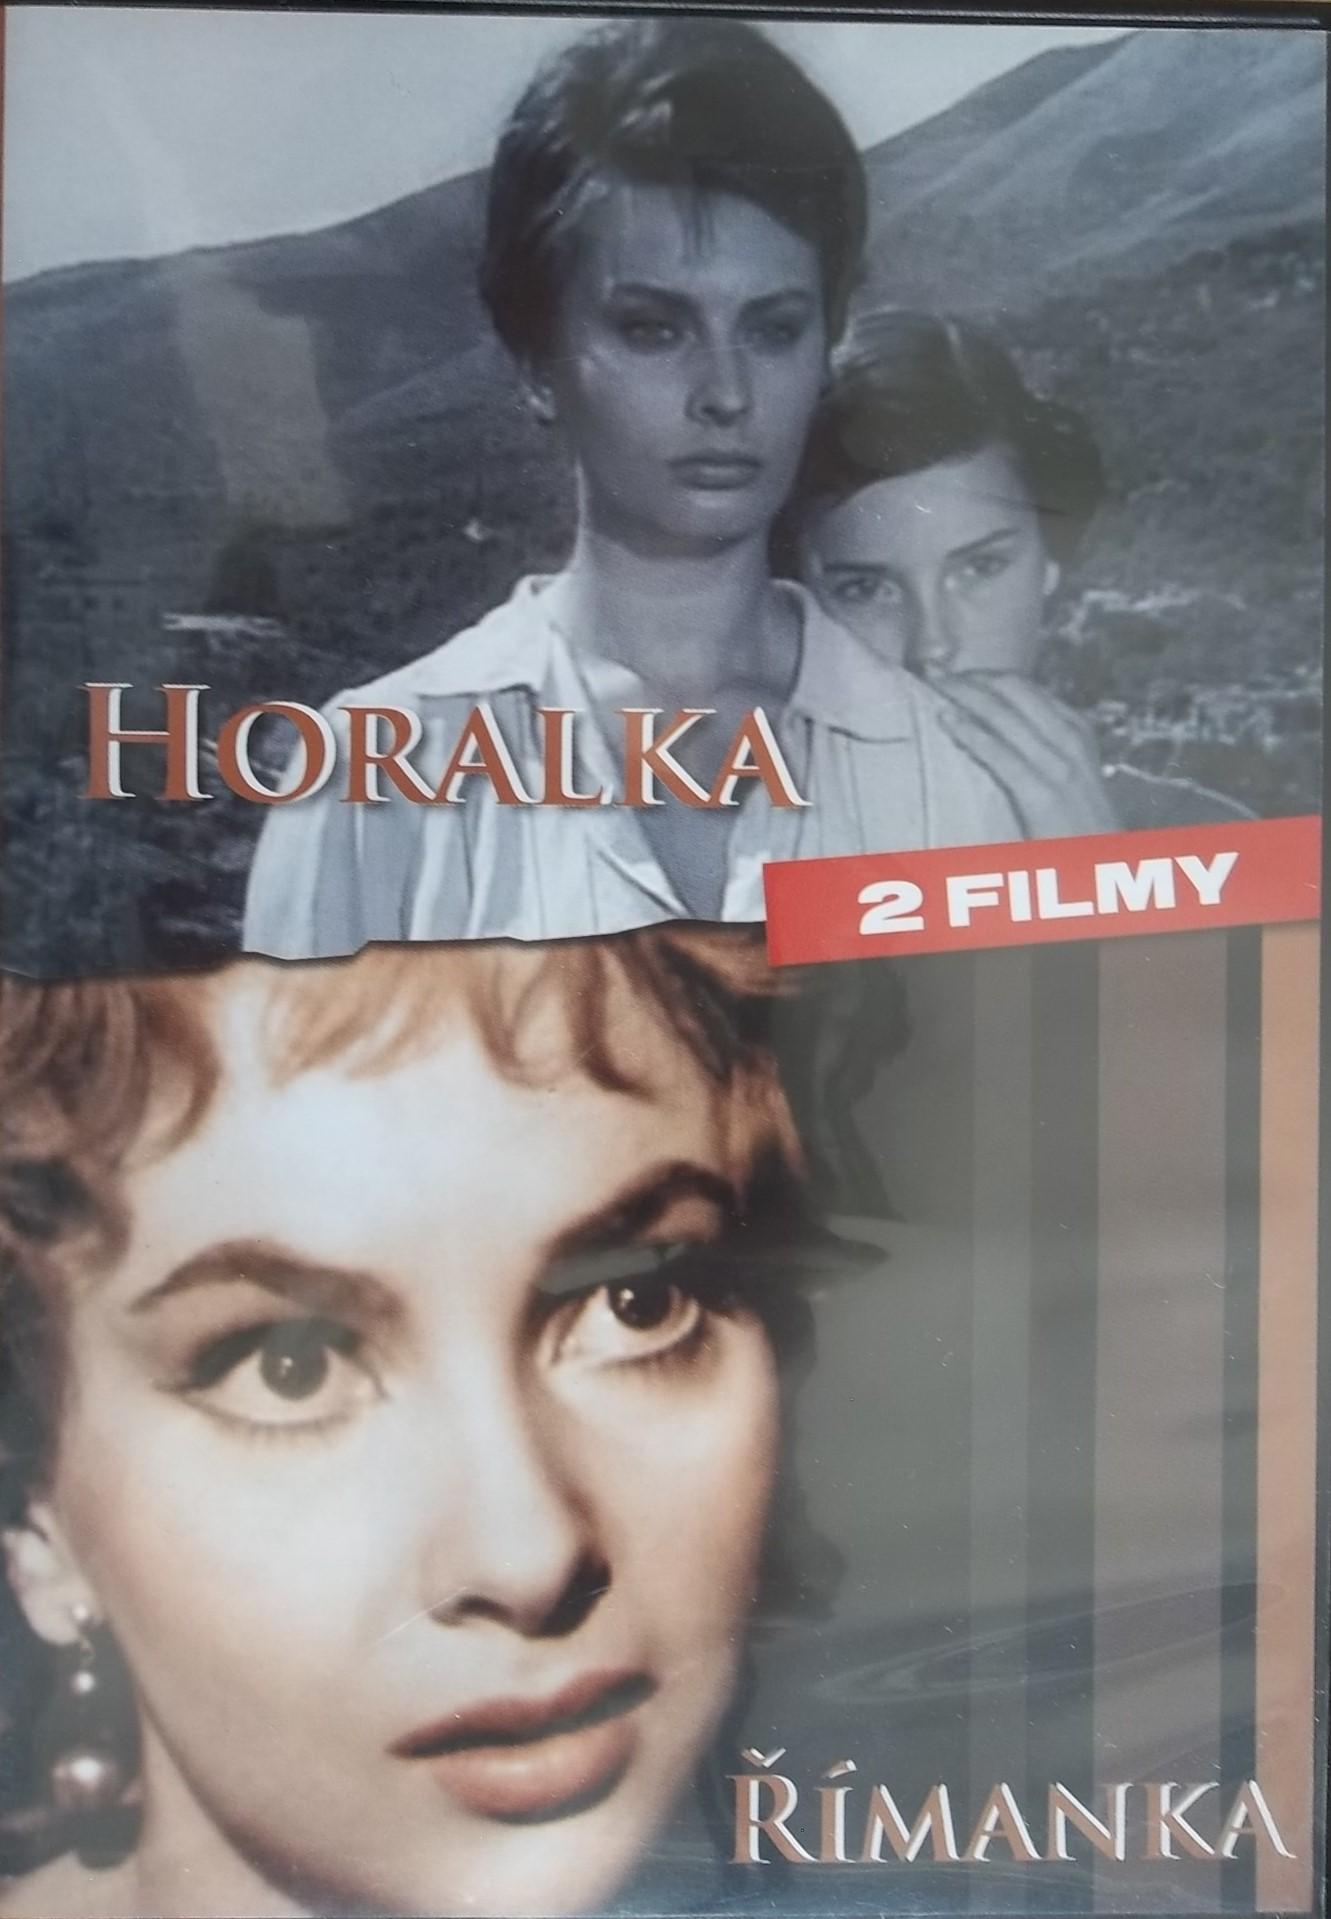 Horalka/Římanka DVD